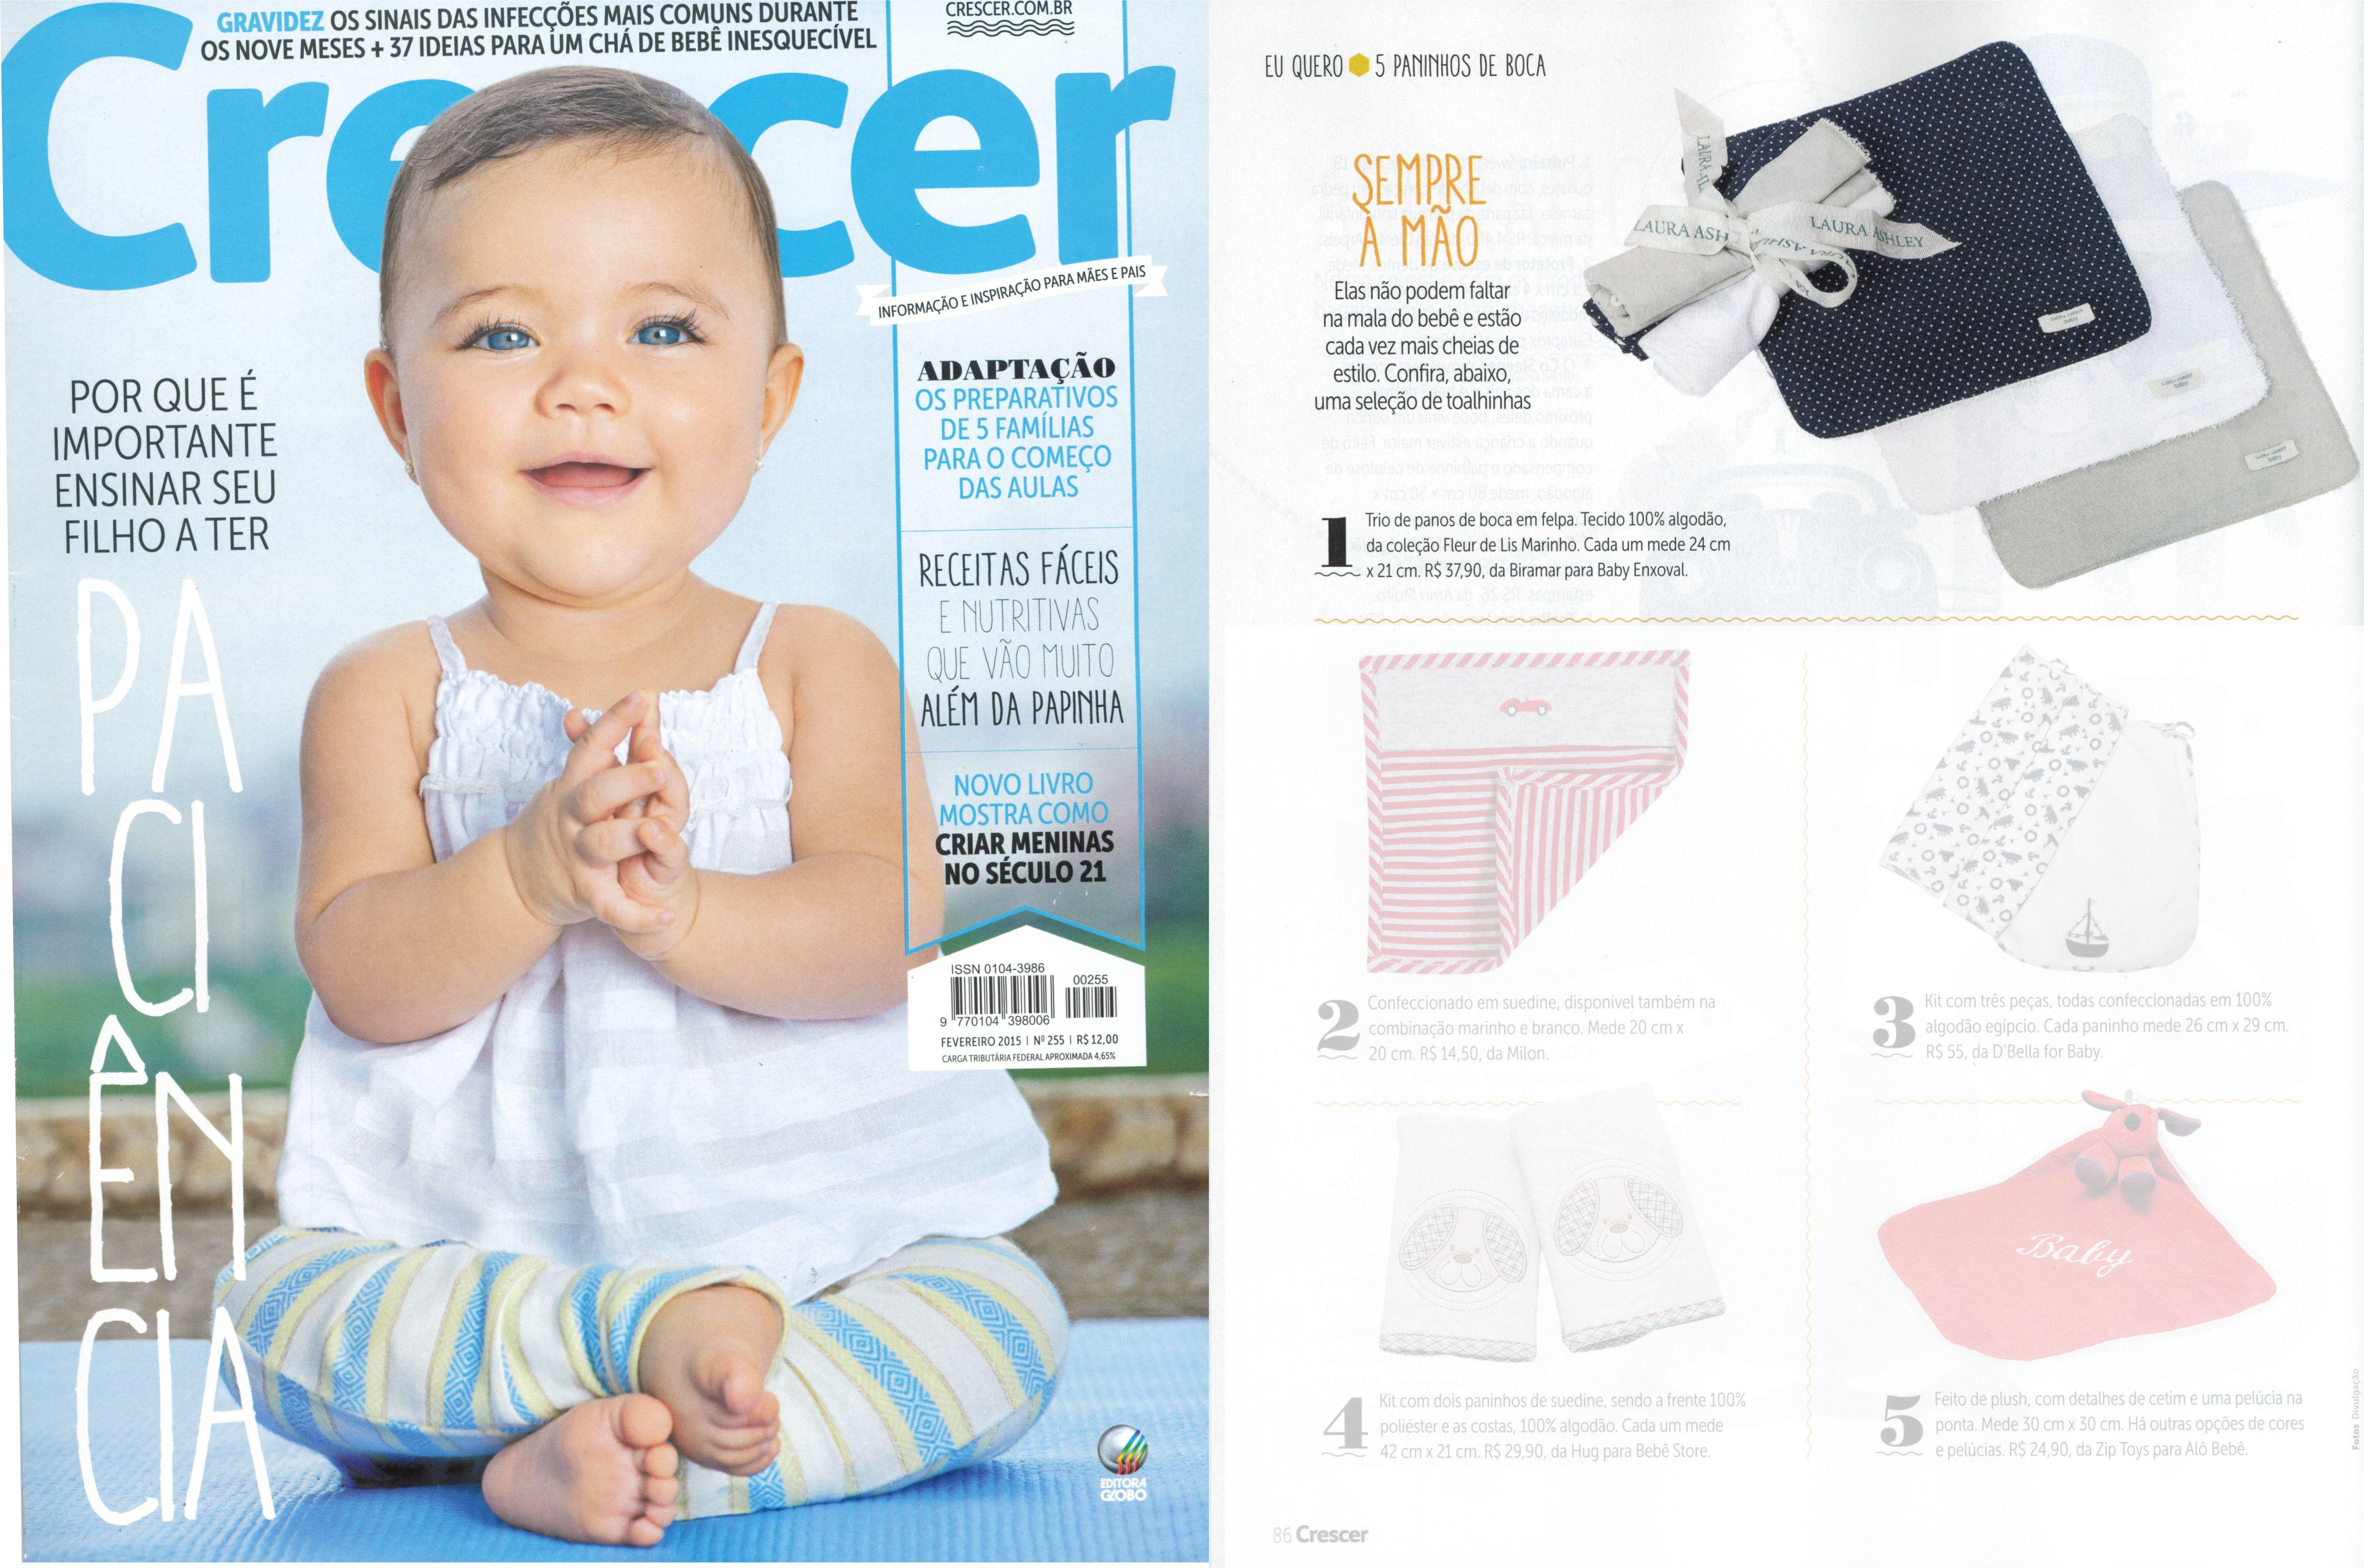 Revista Crescer - FEvereiro 2015 (1)